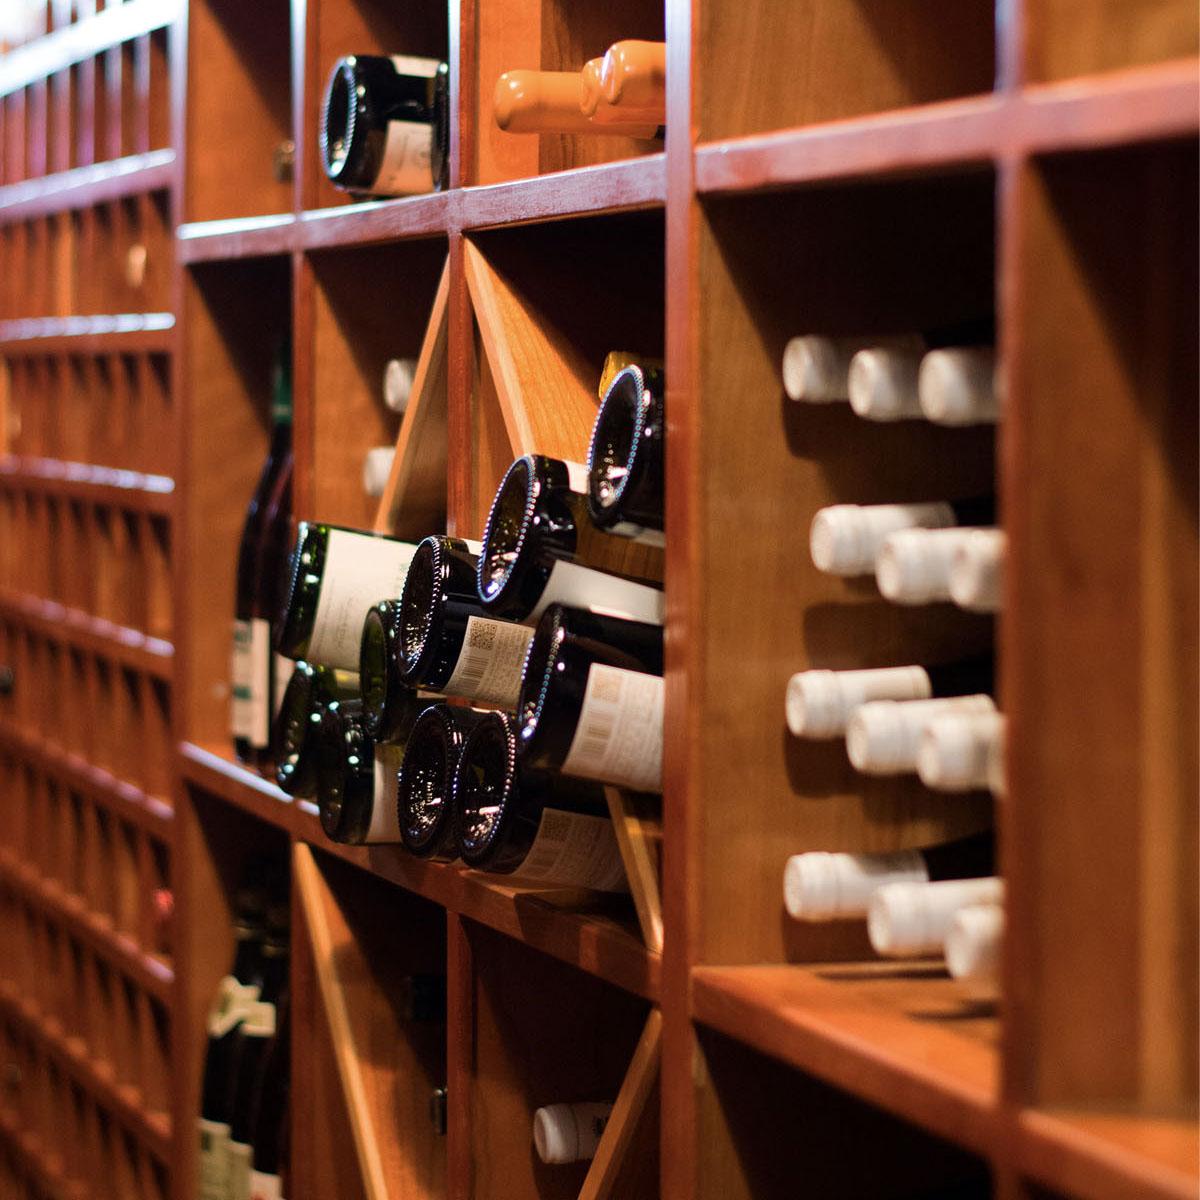 Winer cellar at River Café